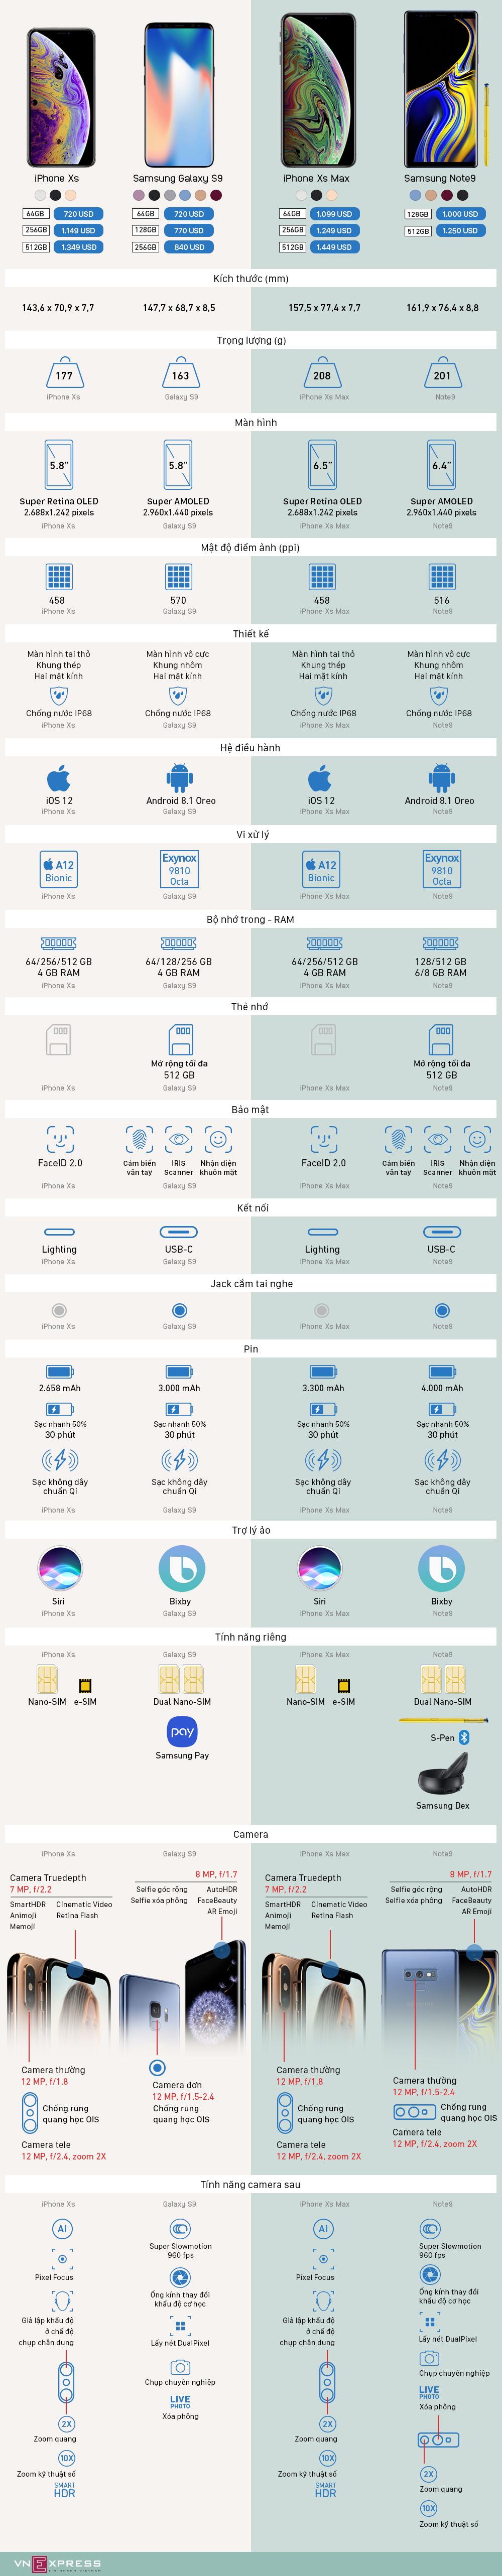 iPhone Xs/Xs Max đối đầu Galaxy Note9, S9 - 'kẻ tám lạng, người nửa cân'